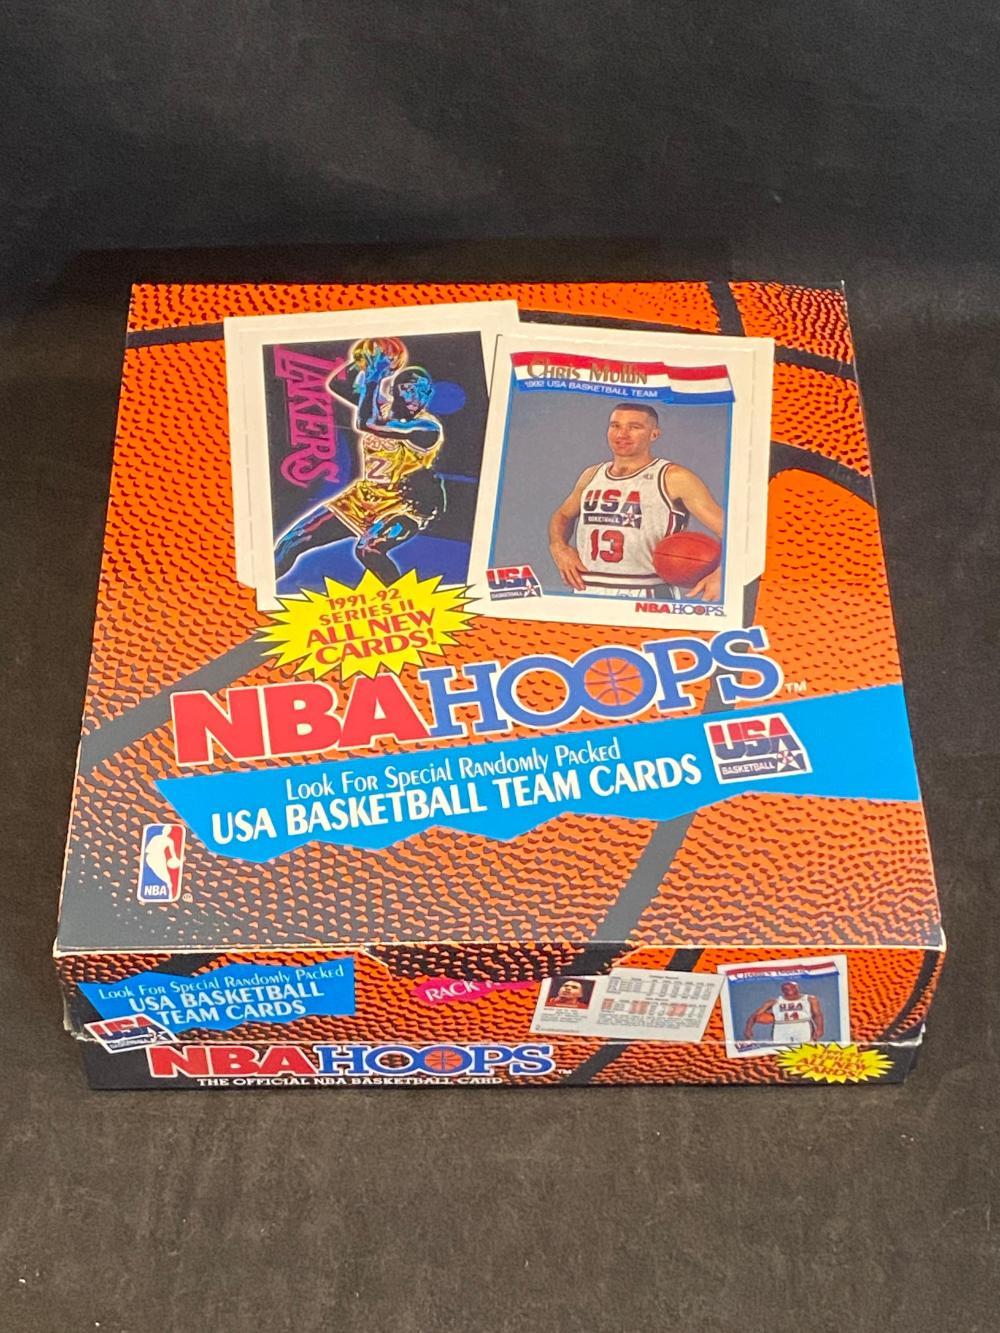 Factory Sealed 1991-92 NBA Hoops Series II Rack Pack Box - 12 Rack Packs & 47 Cards/Pack